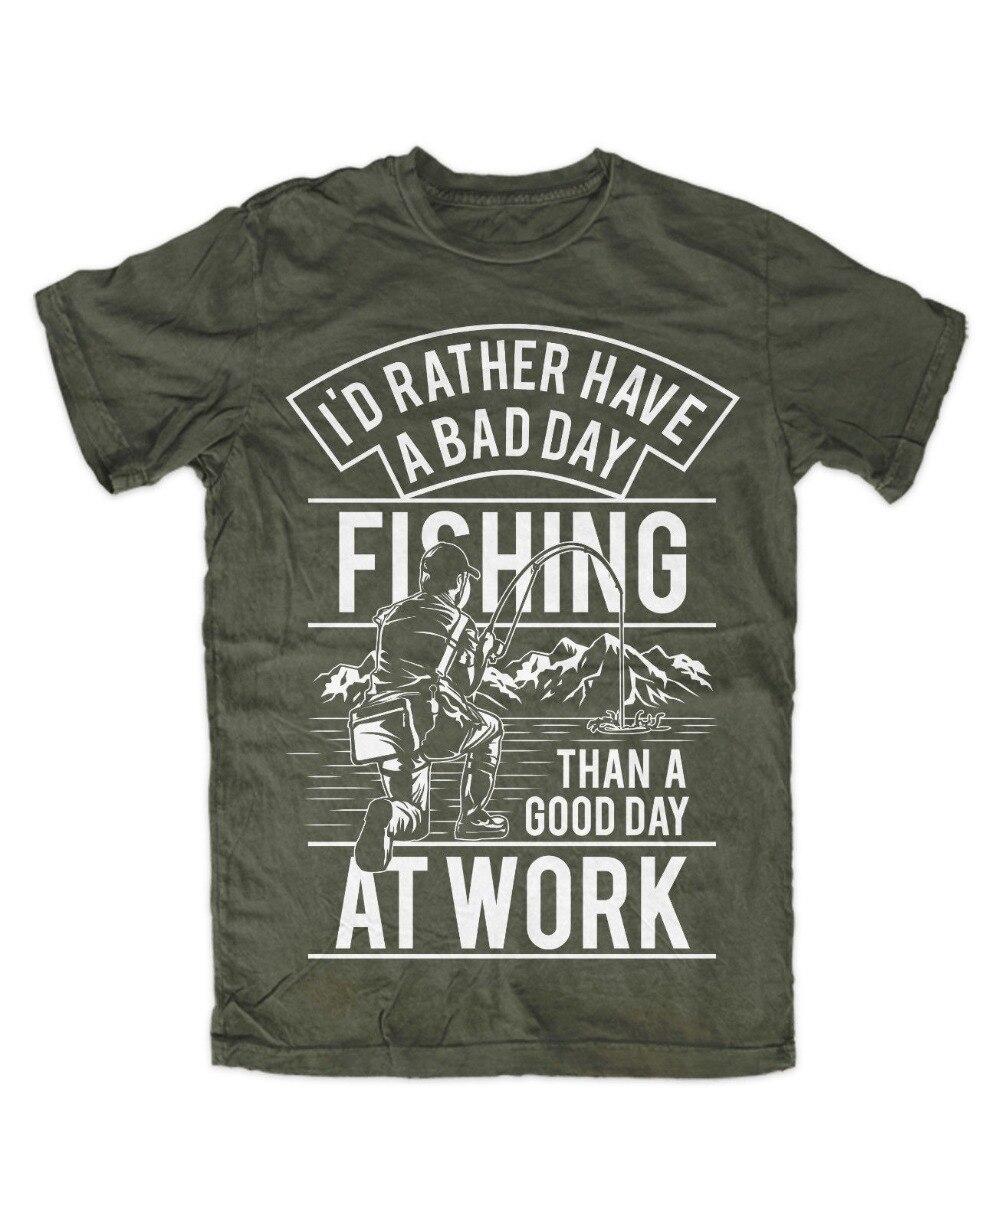 Full Size of Sprüche T Shirt Junggesellenabschied Sprüche T Shirt Urheberrecht Fussball Sprüche T Shirt Bayerische Sprüche T Shirt Küche Sprüche T Shirt